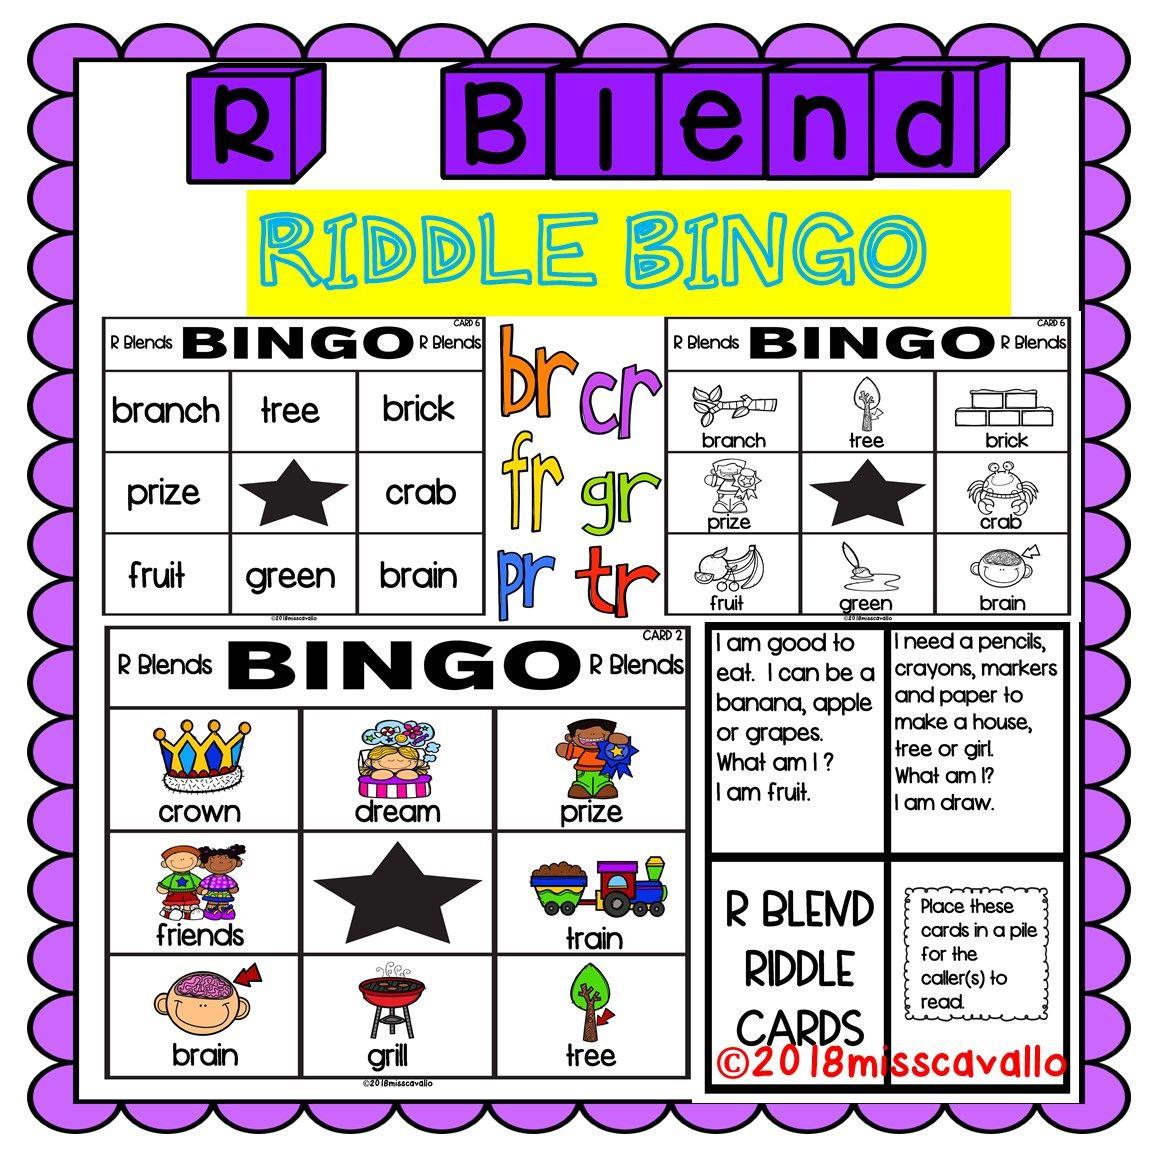 Br Cr Dr Fr Gr Pr Tr Bingo Card Game